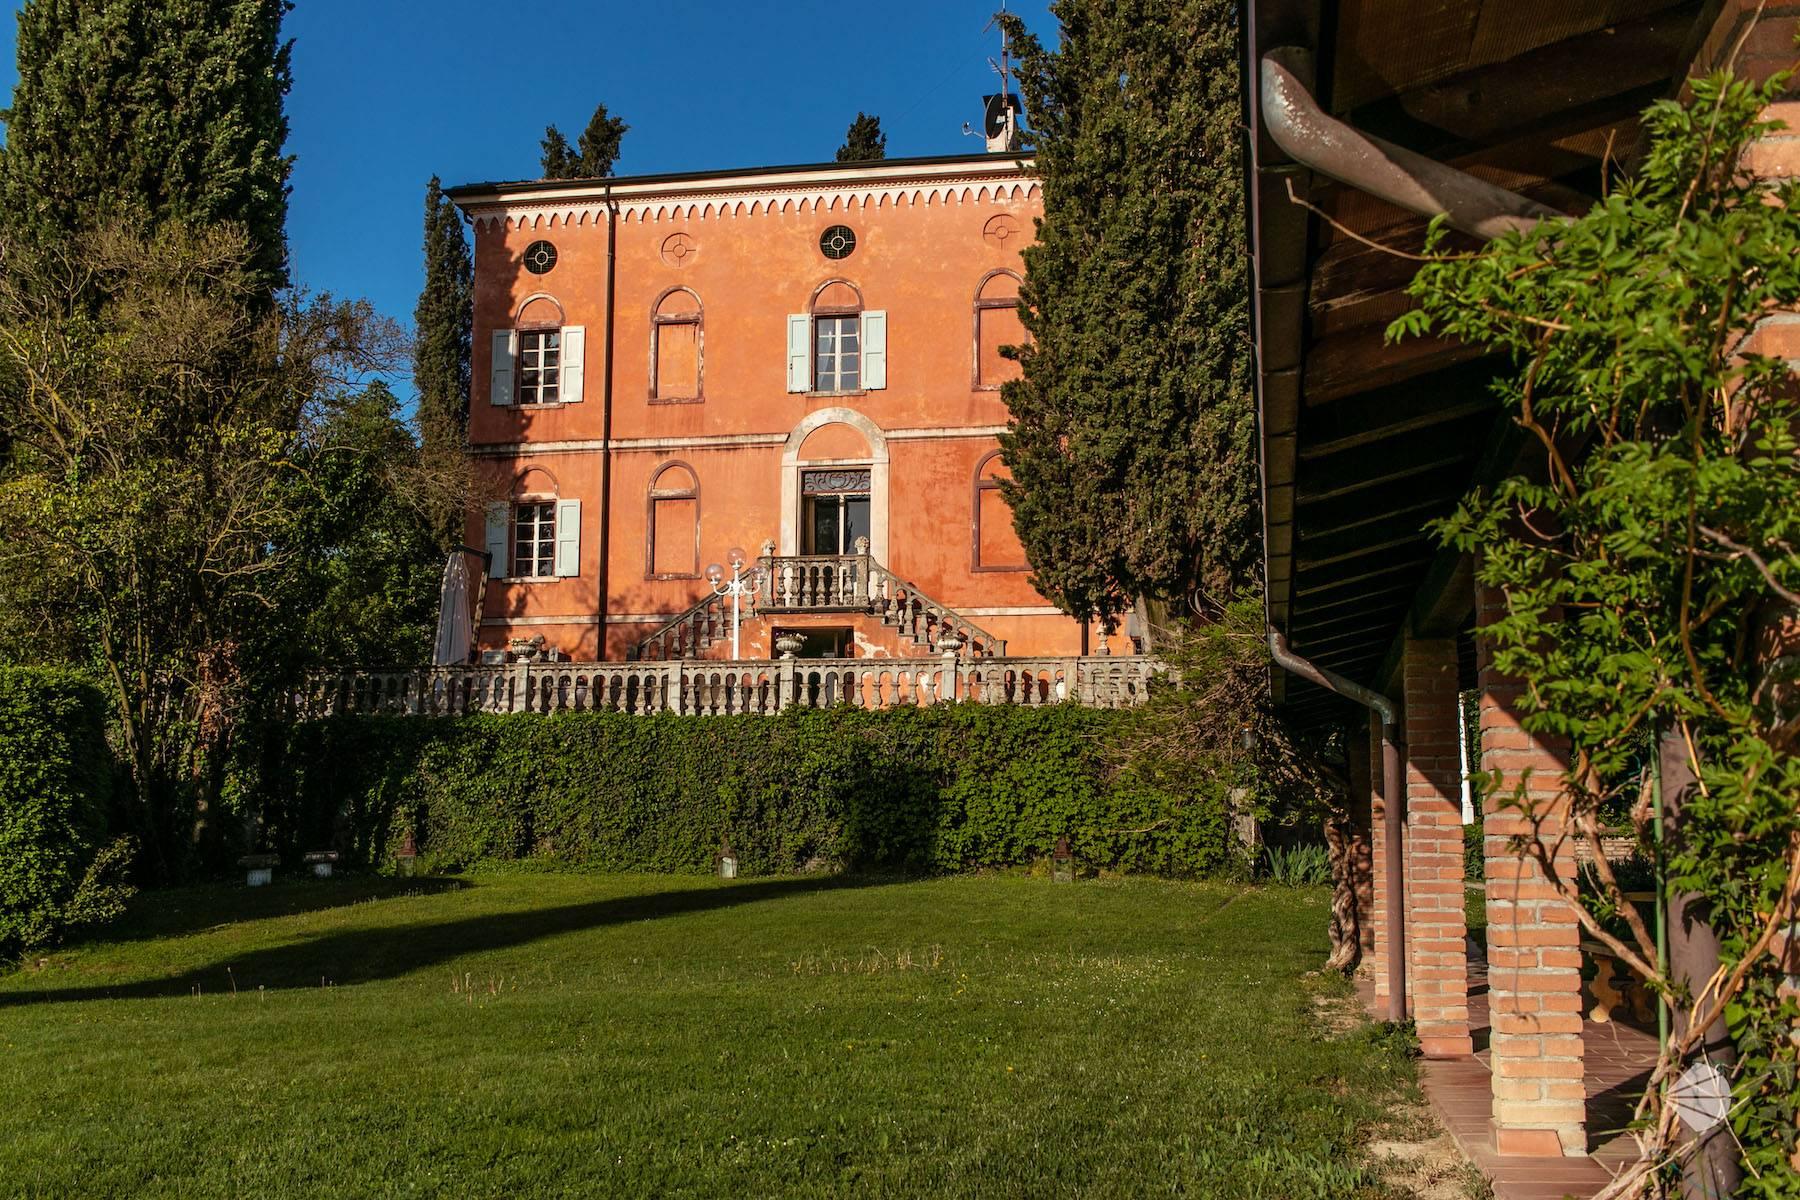 Villa in Vendita a Fiorano Modenese: 5 locali, 470 mq - Foto 7